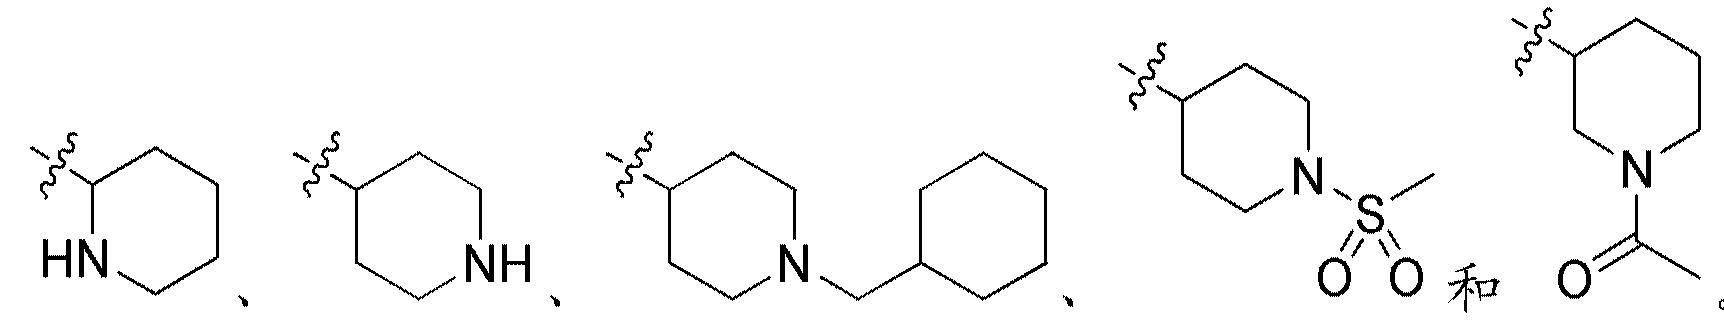 Figure CN102448458BD00452